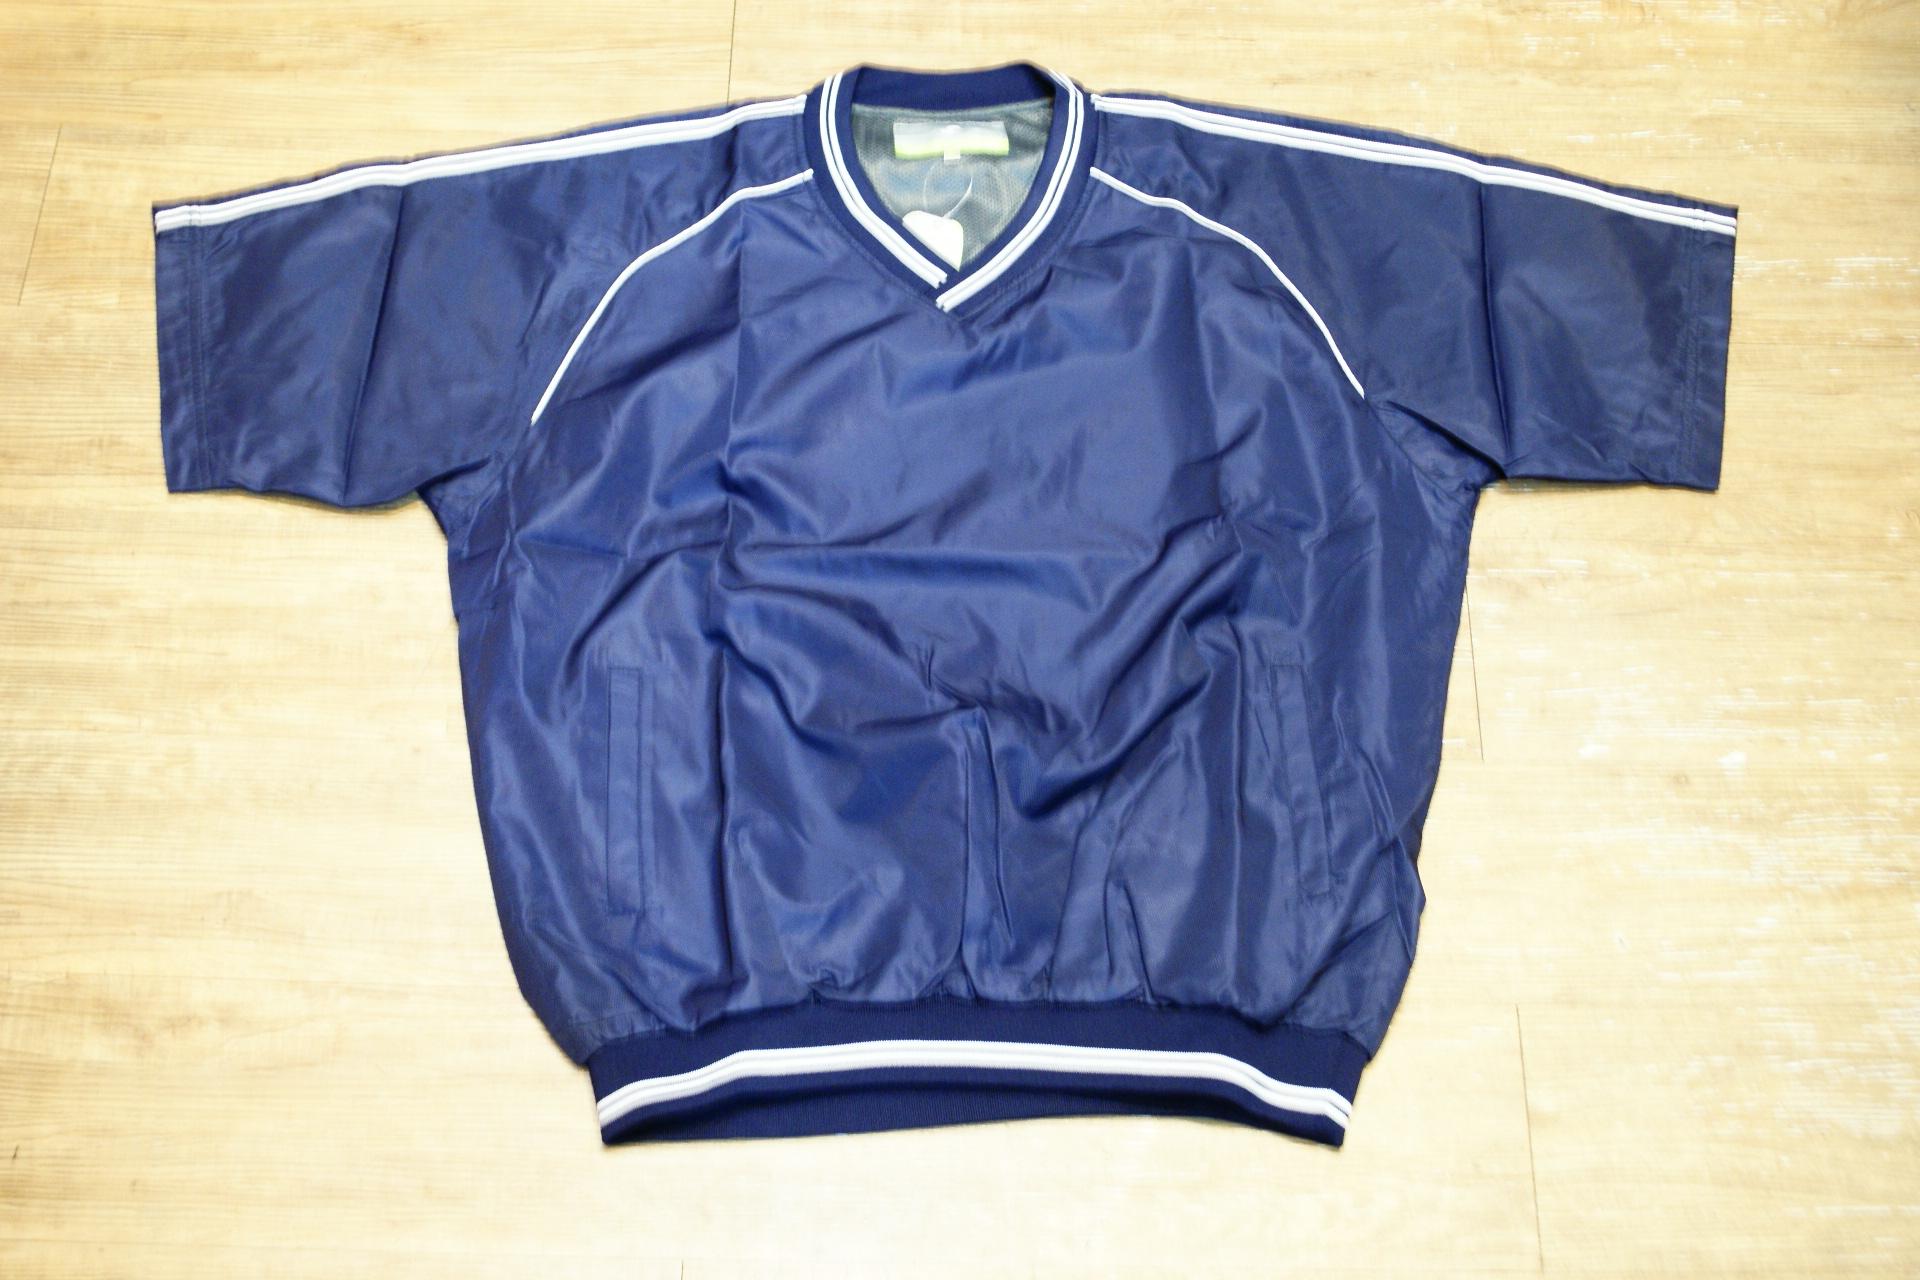 棒球世界全新SSK日本進口高質感短袖風衣 丈青色特價